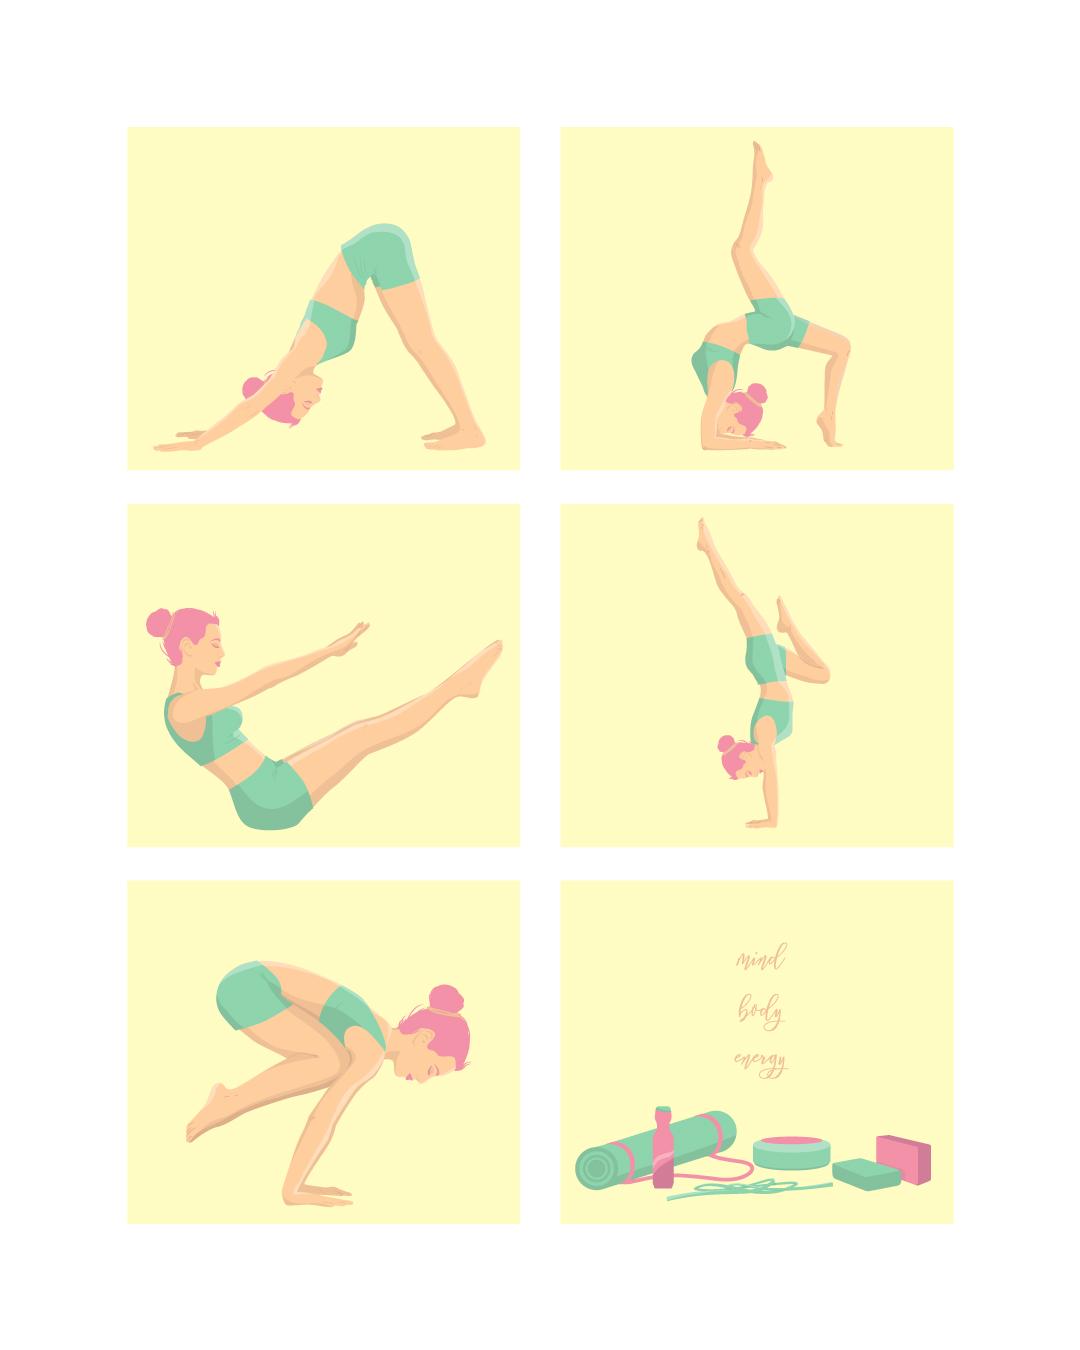 Mind body energy- illustration